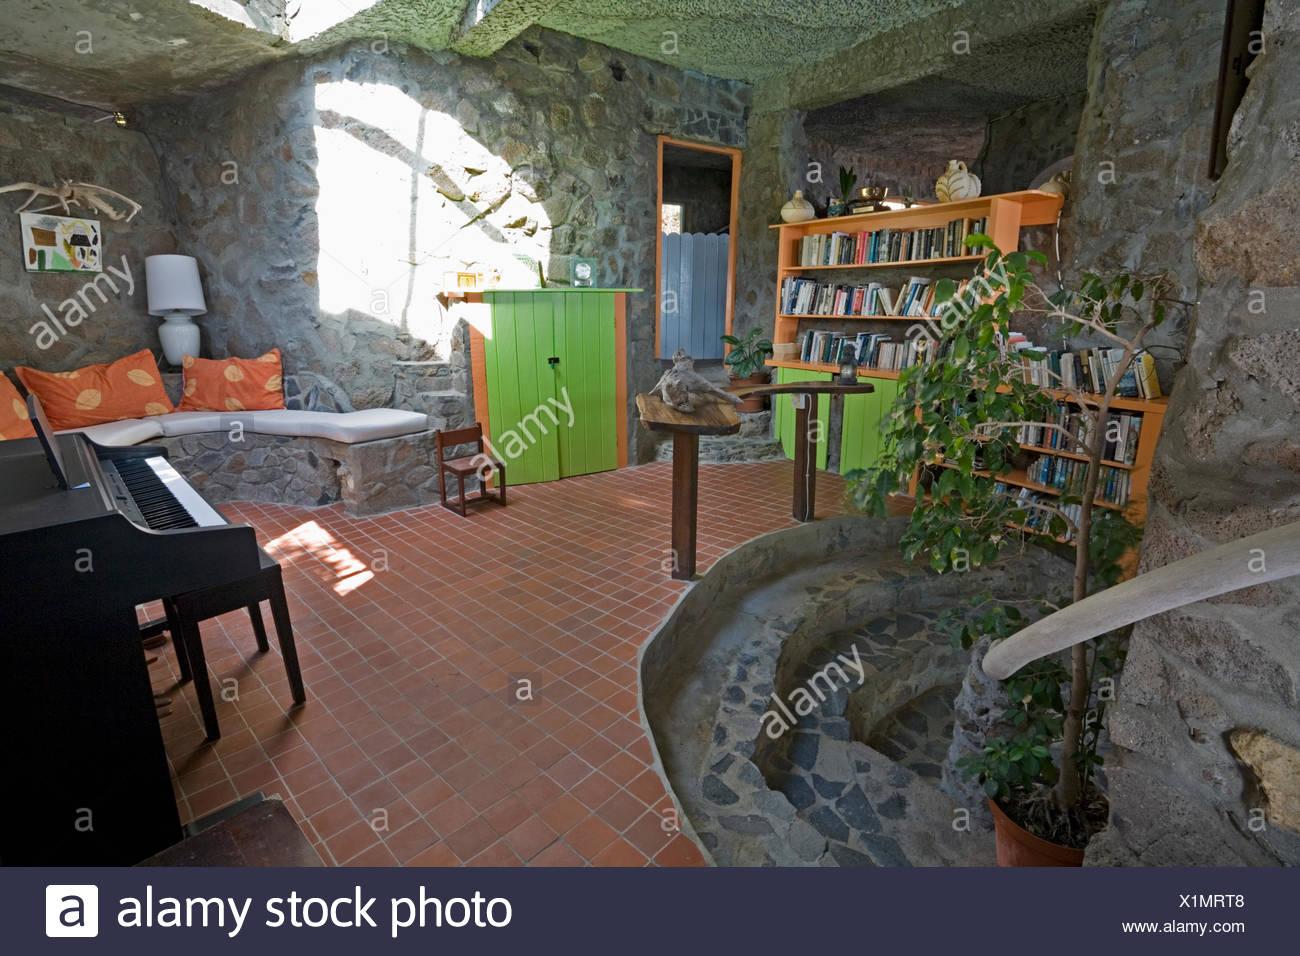 Piastrelle da pavimento in soggiorno con pareti di pietra in una